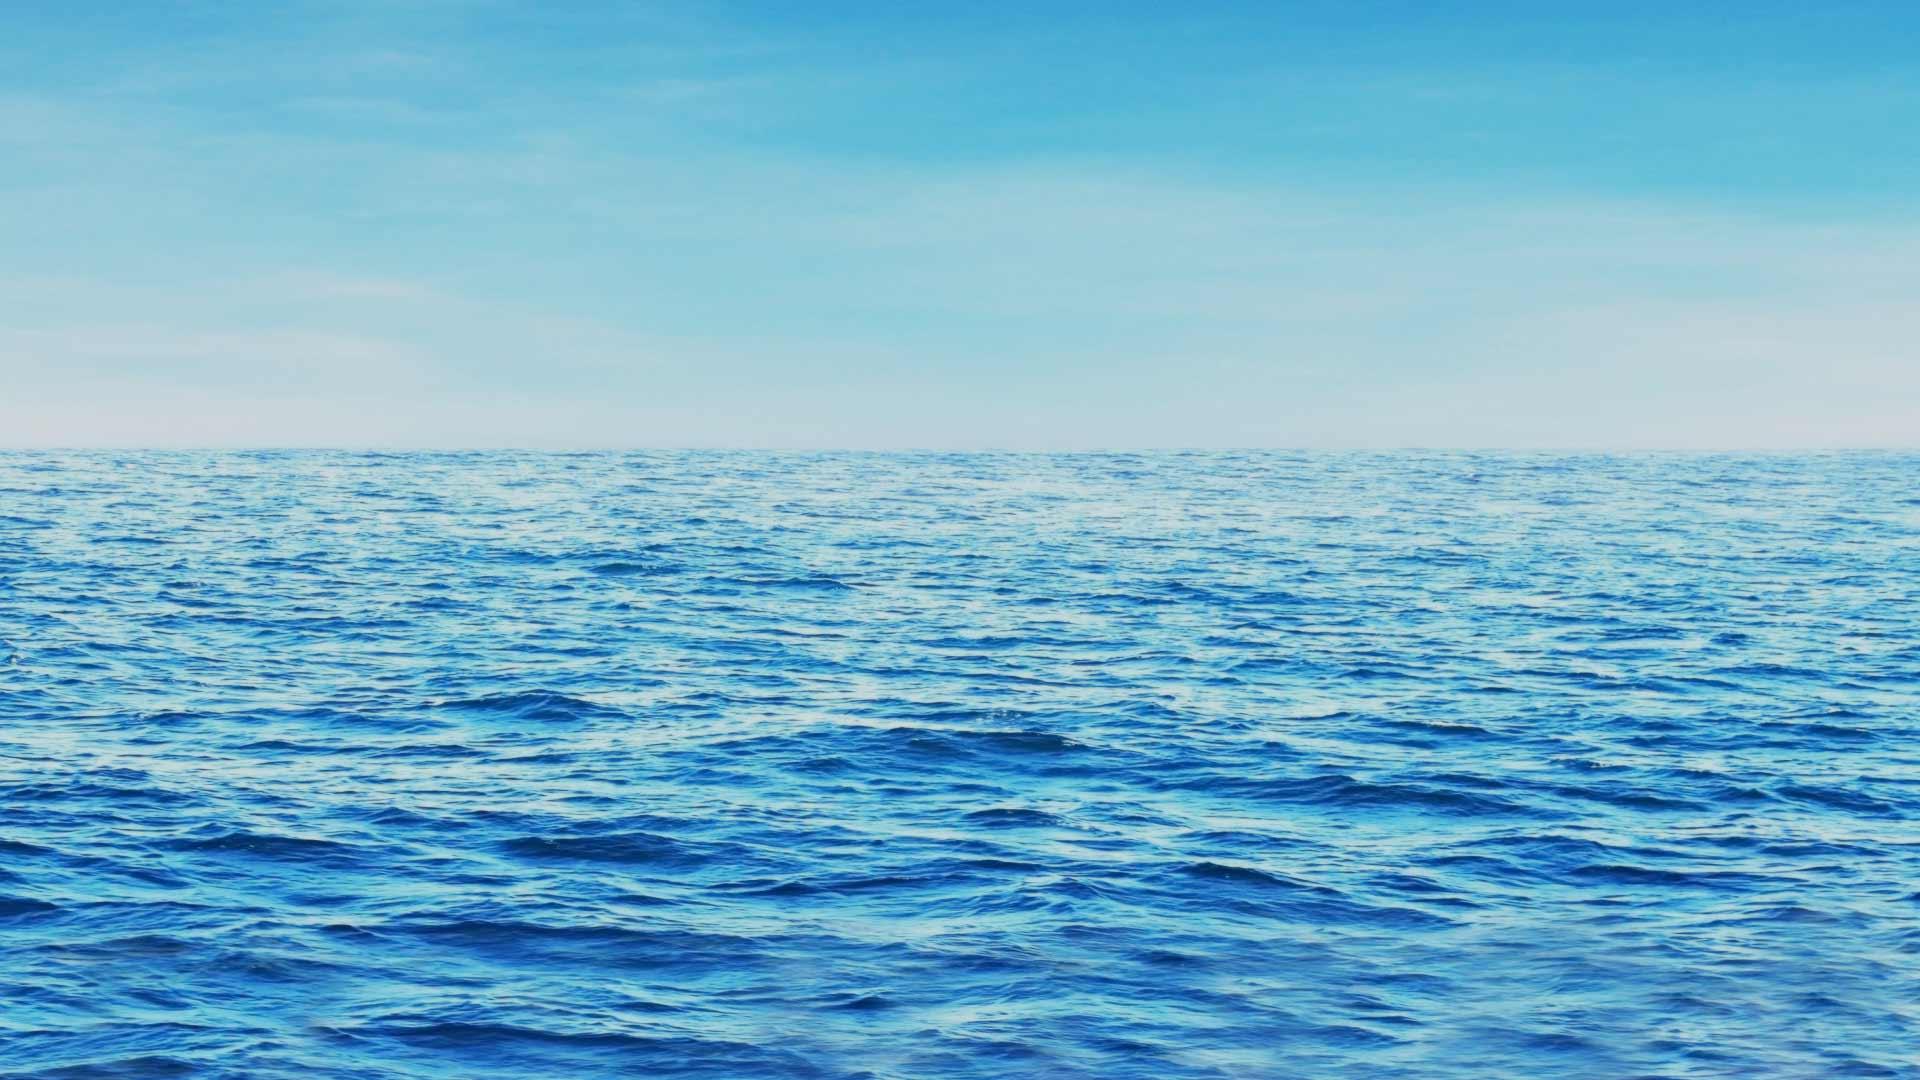 fundooceano2